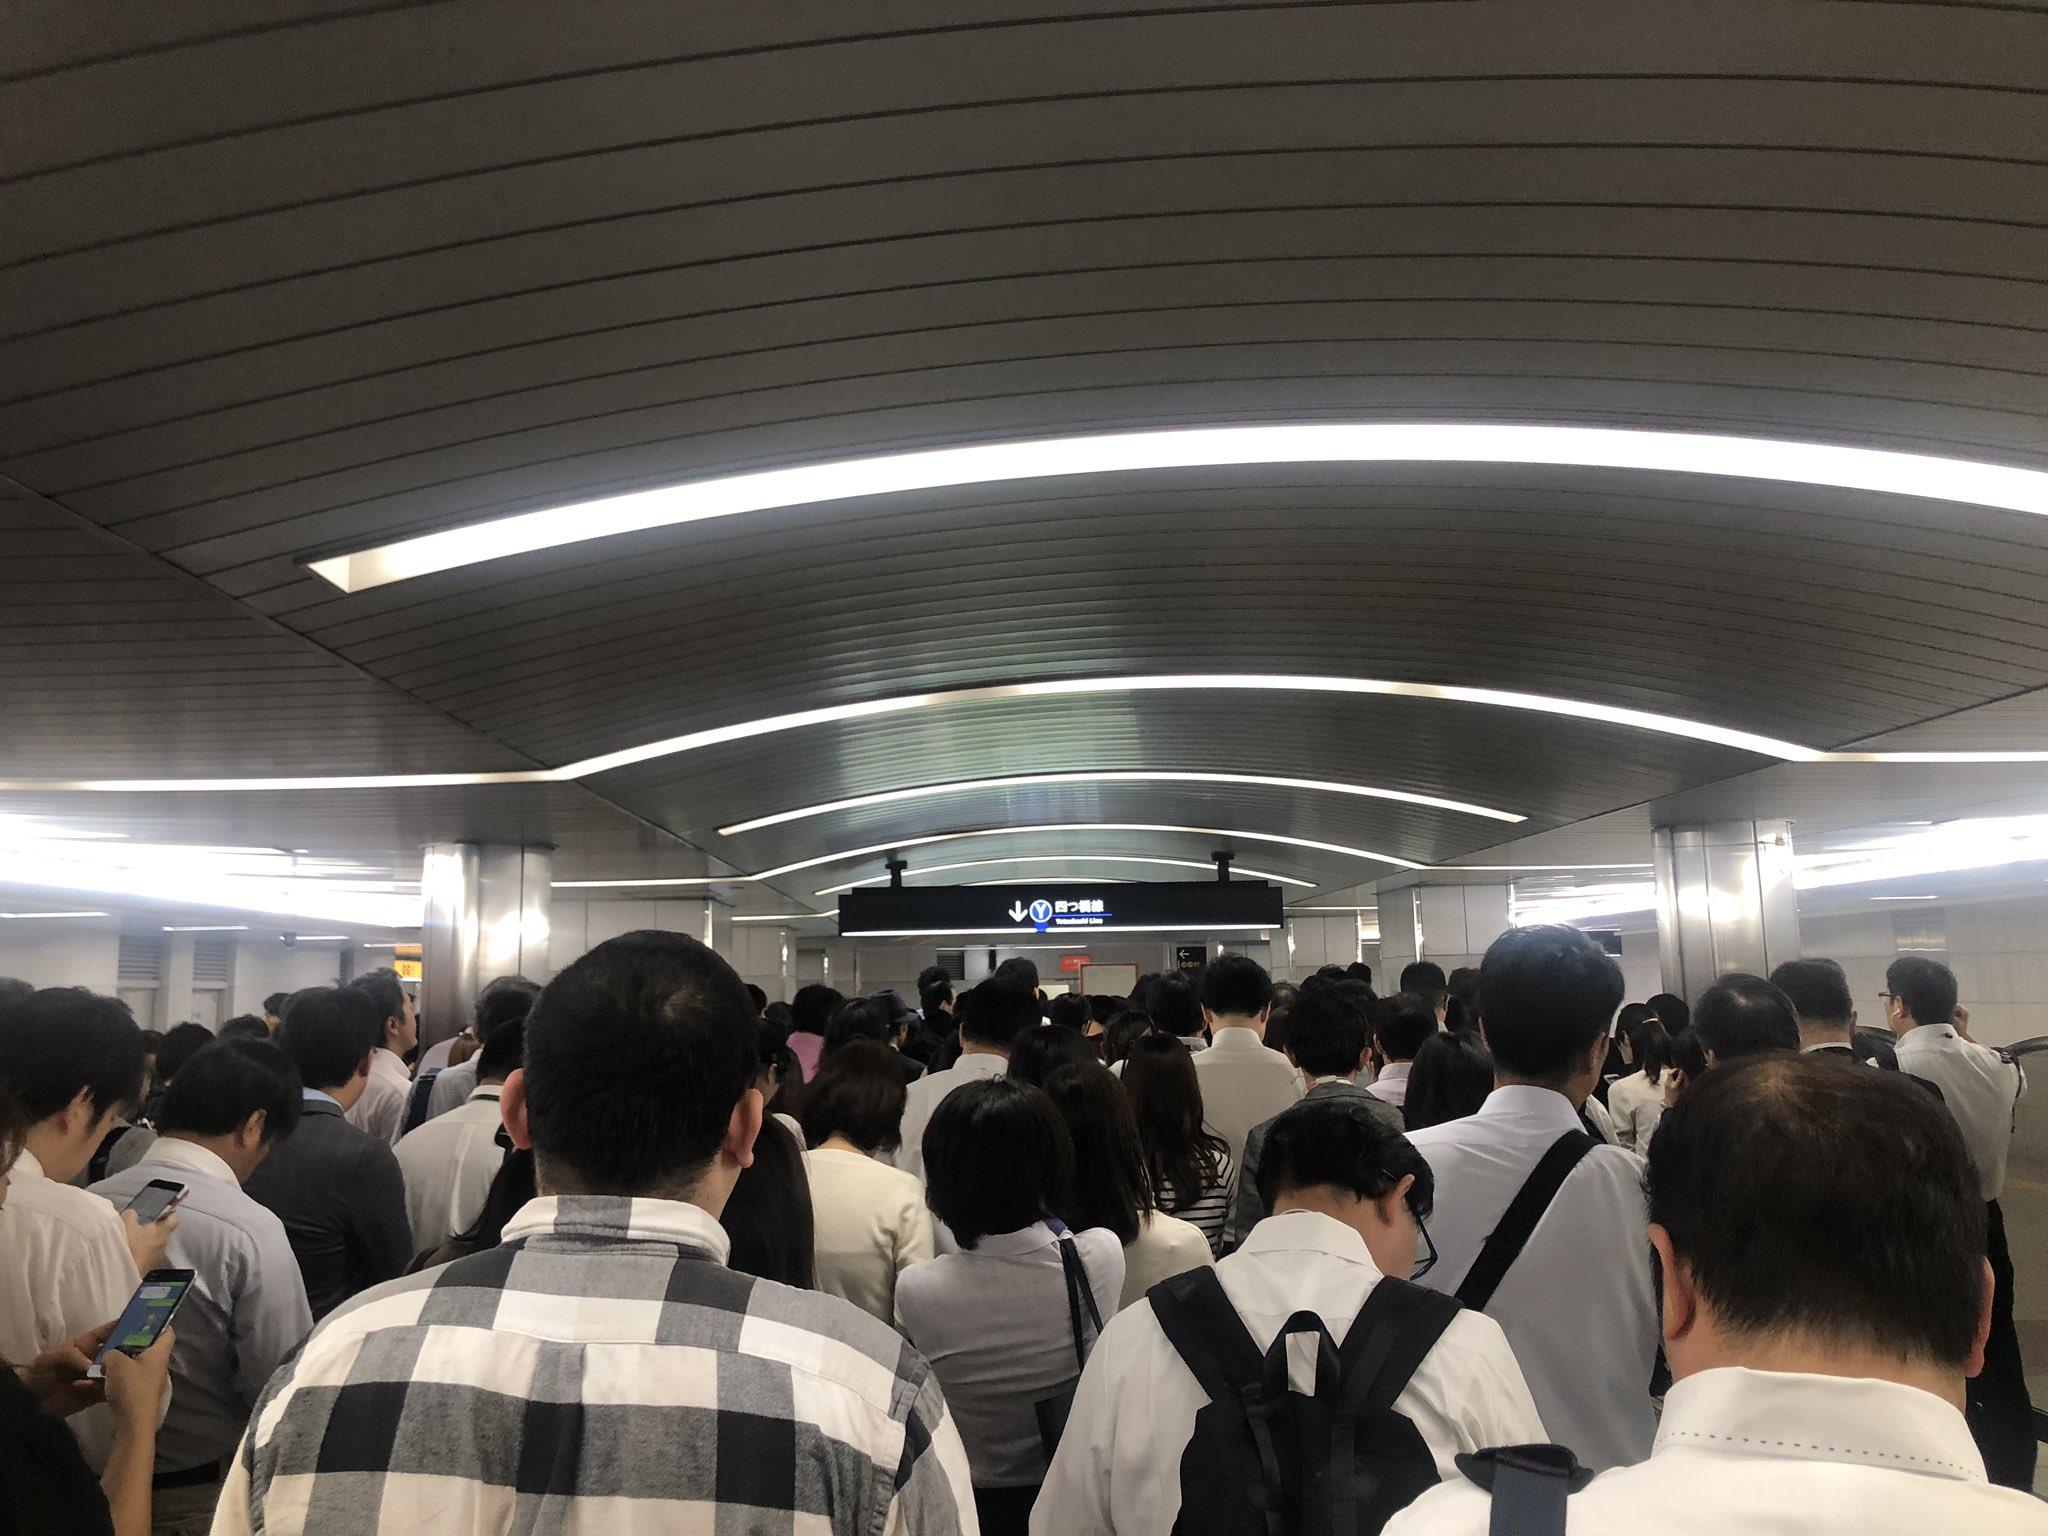 画像,御堂筋線遅延→梅田に出るために四つ橋線にくる→混んでる!!! https://t.co/xYuq9mhHgg。